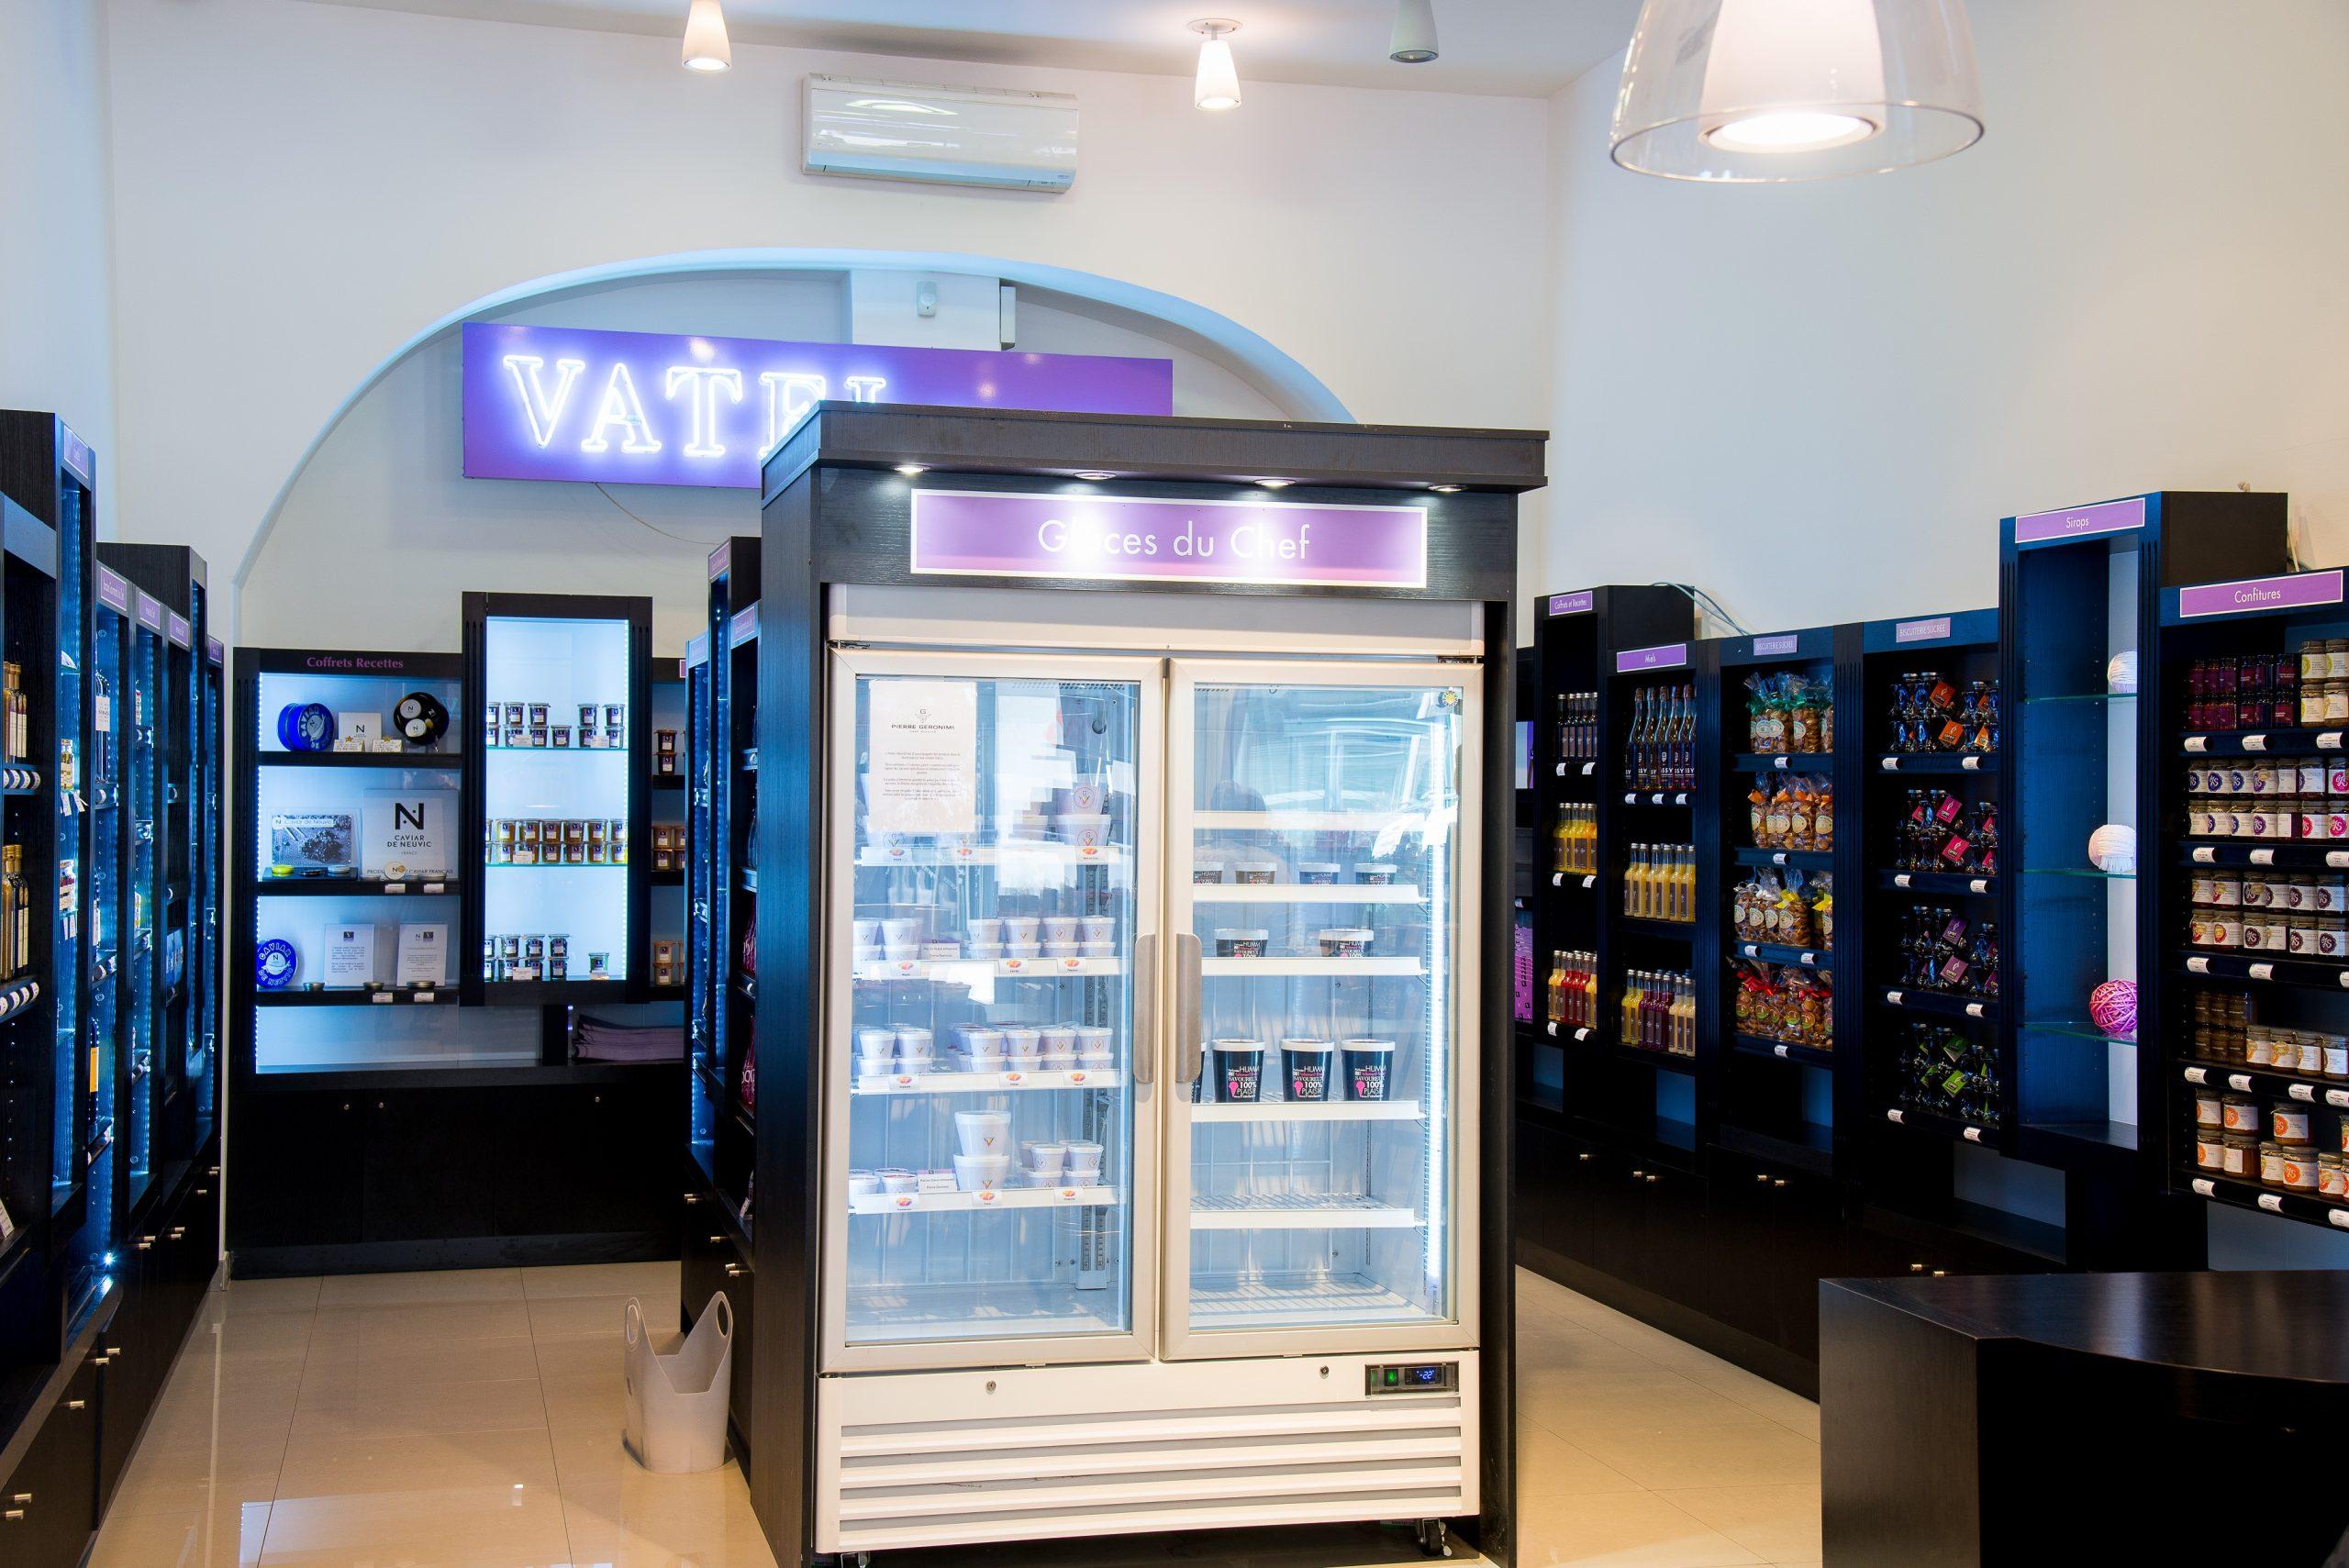 produits frais boutique Vatel Gourmet Carnot Lyon